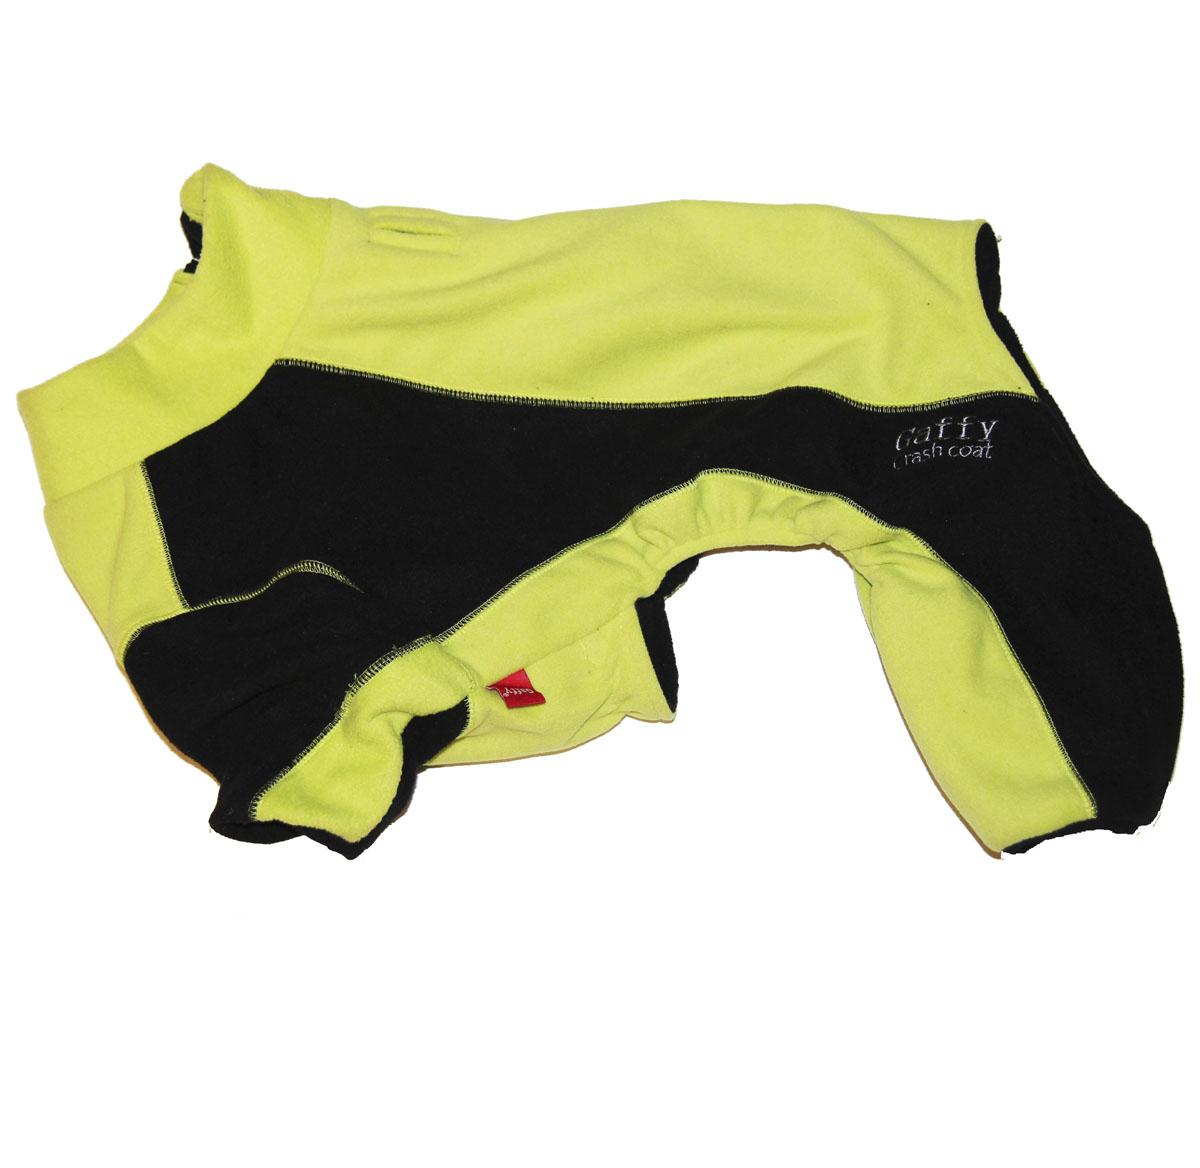 """Комбинезон для собак """"Gaffy Pet"""", унисекс, цвет: салатовый, черный. Размер 3XL"""